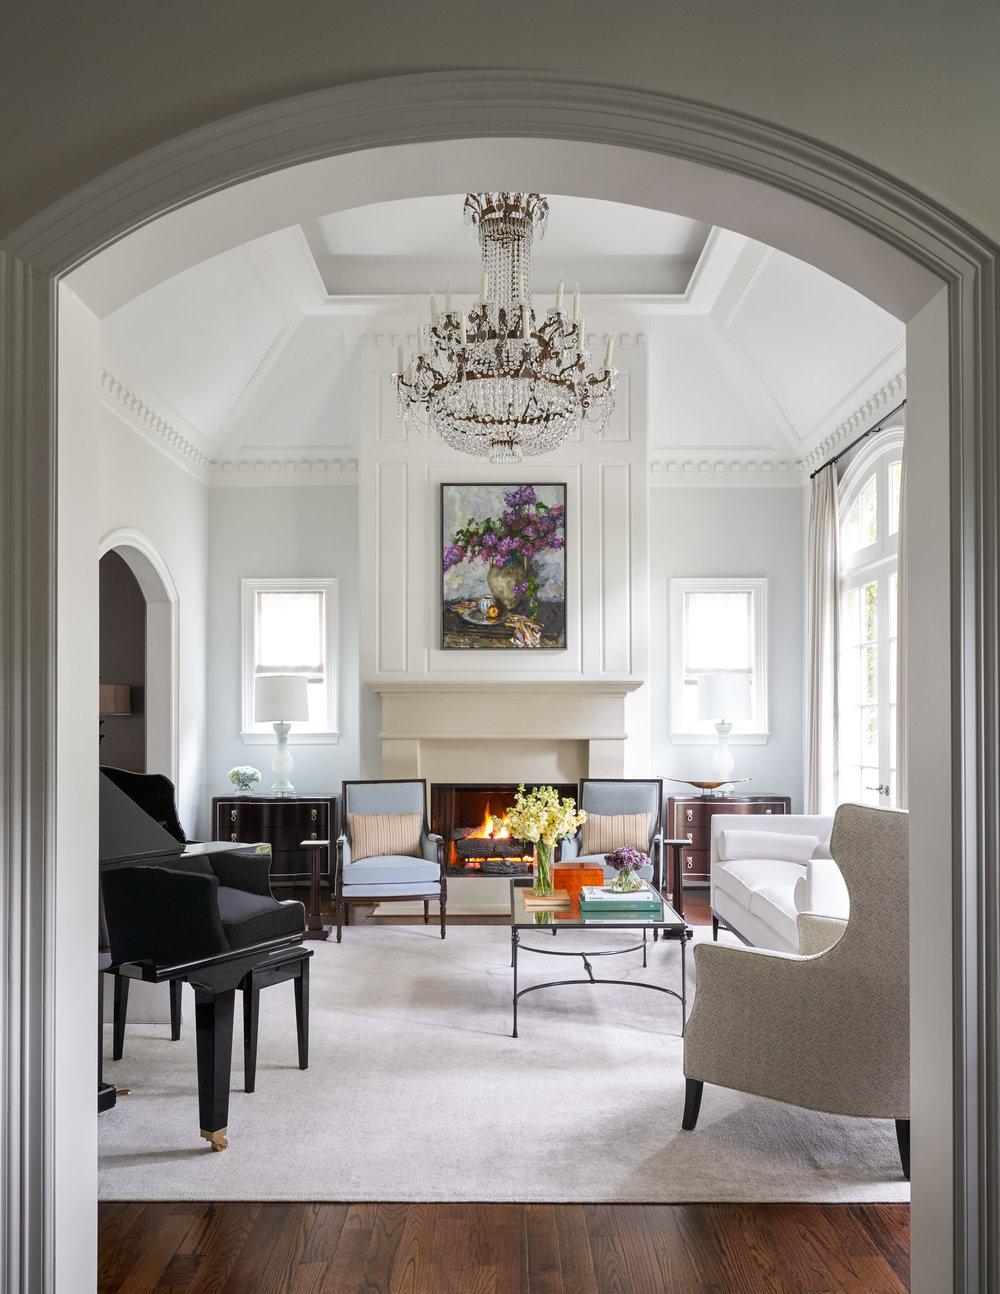 Living room designed by Beth Lindsey Interior Design.